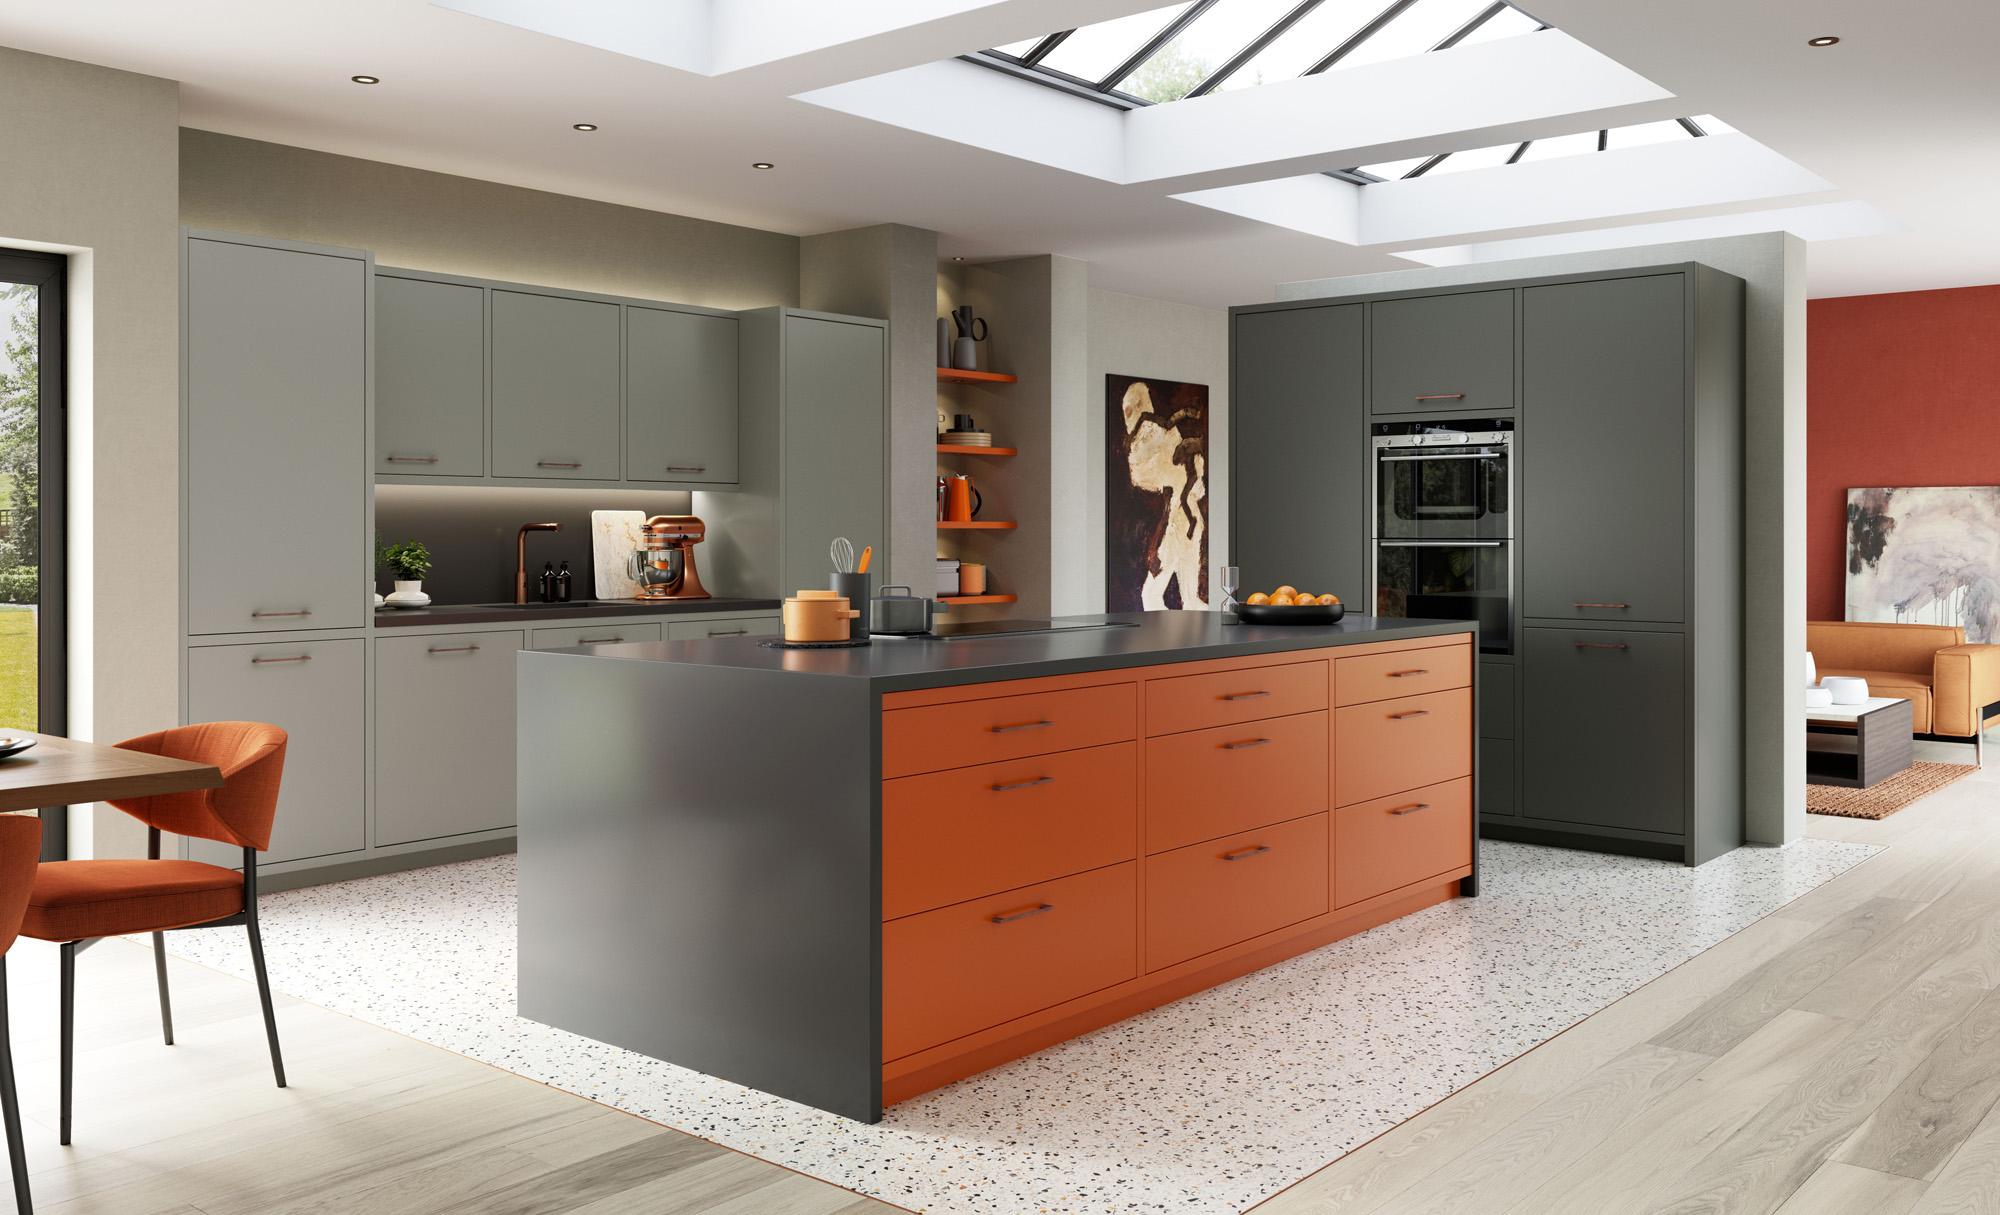 http://www.gurteenkitchens.ie/wp-content/uploads/2019/08/modern-contemporary-zola-matte-zingy-orange-graphite-dust-grey-kitchen-hero.jpg